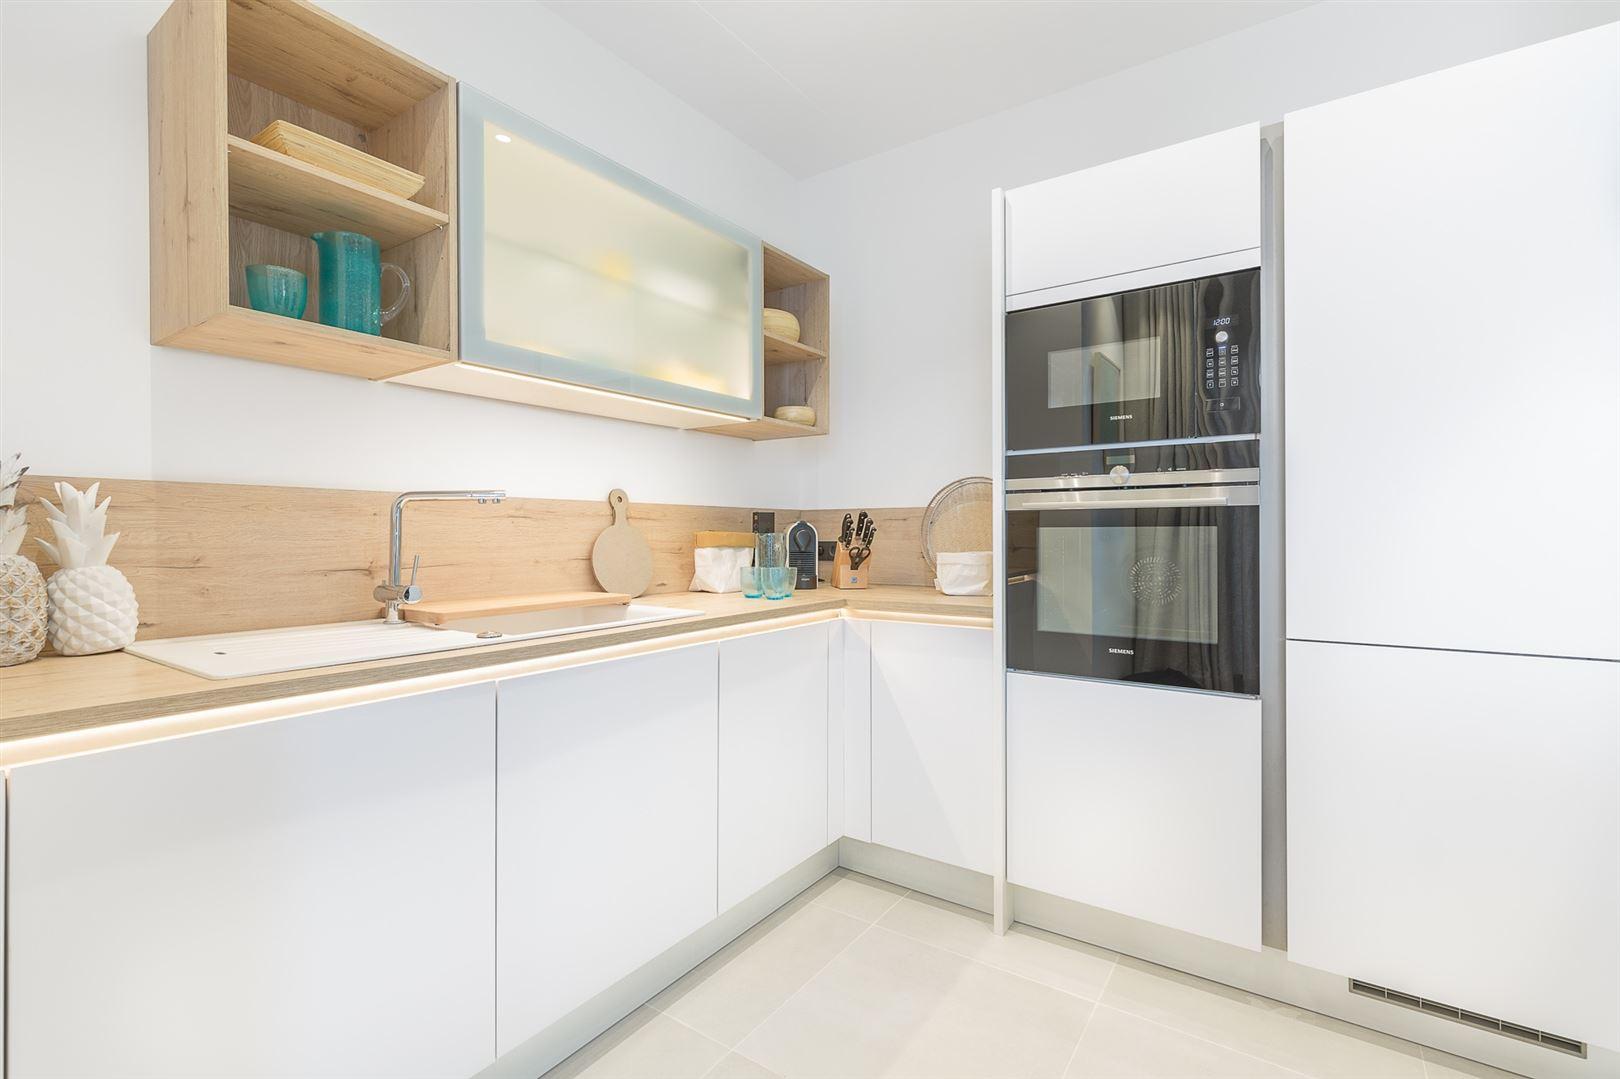 Foto 8 : Appartement te 38632 PALM MAR (Spanje) - Prijs € 450.000